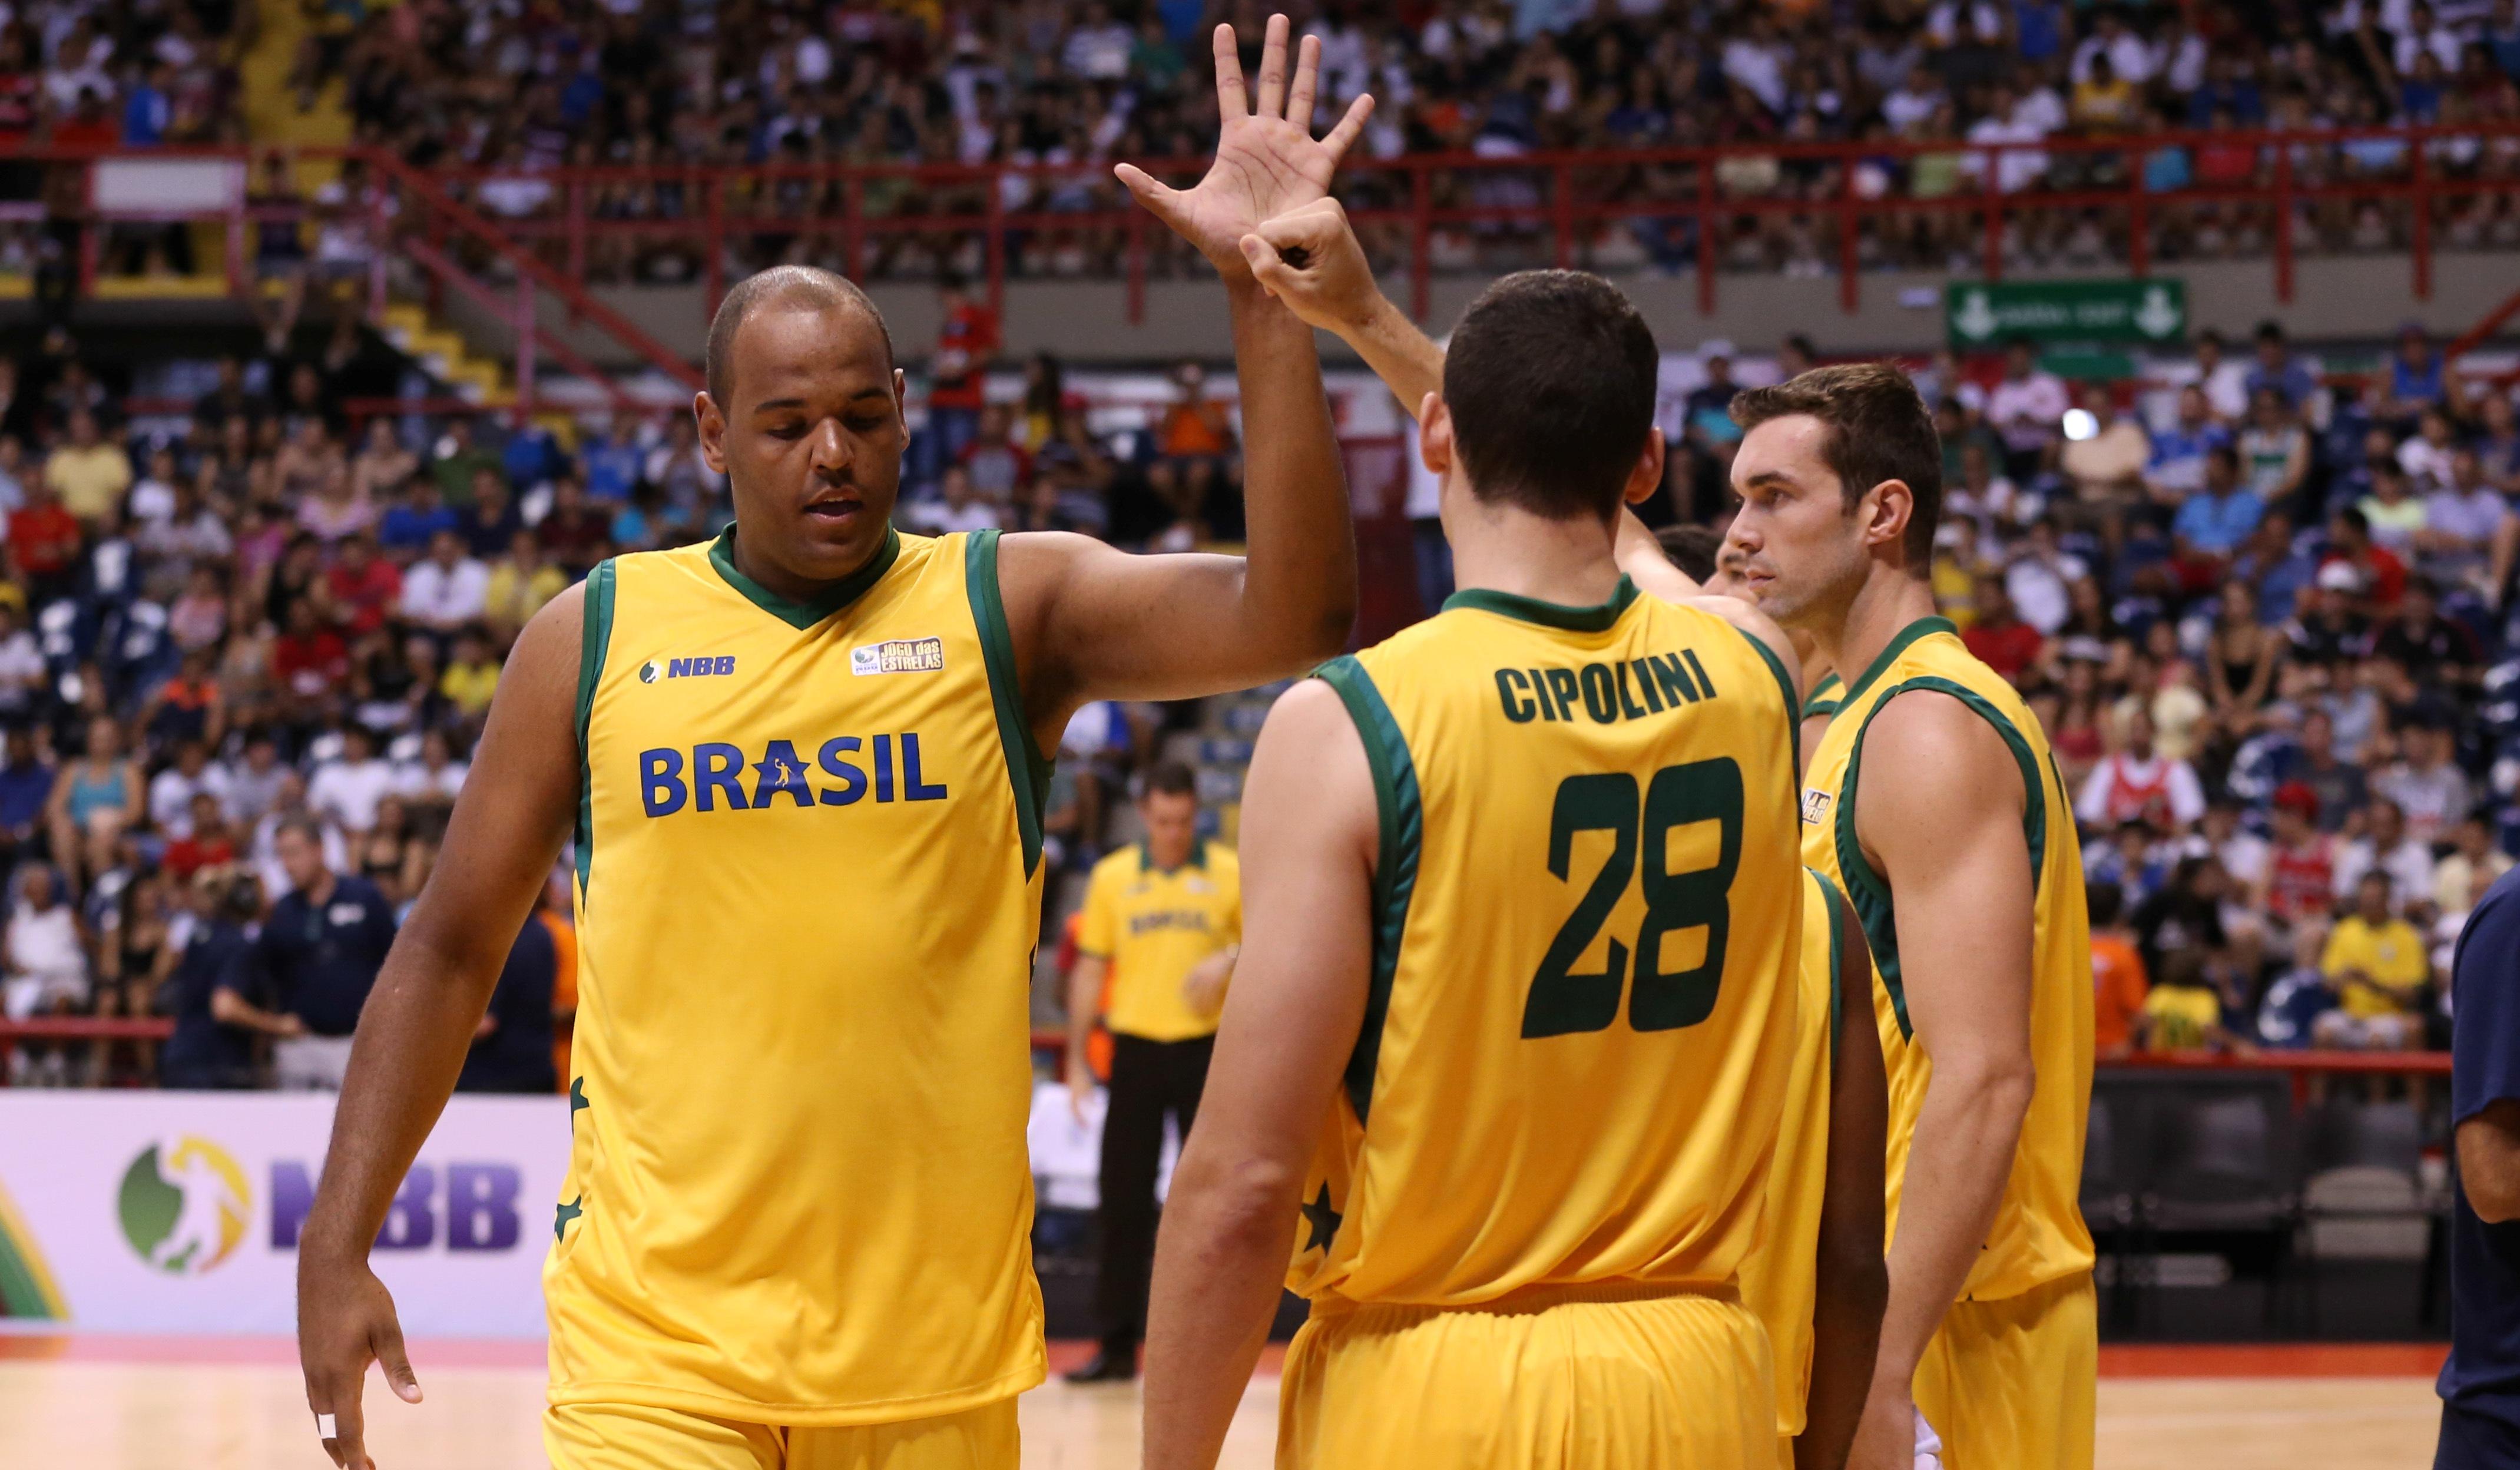 Paulão, Cipolini e Murilo são alguns dos atletas que largaram suas carreiras na Europa para jogarem o NBB (Luiz Pires/LNB)